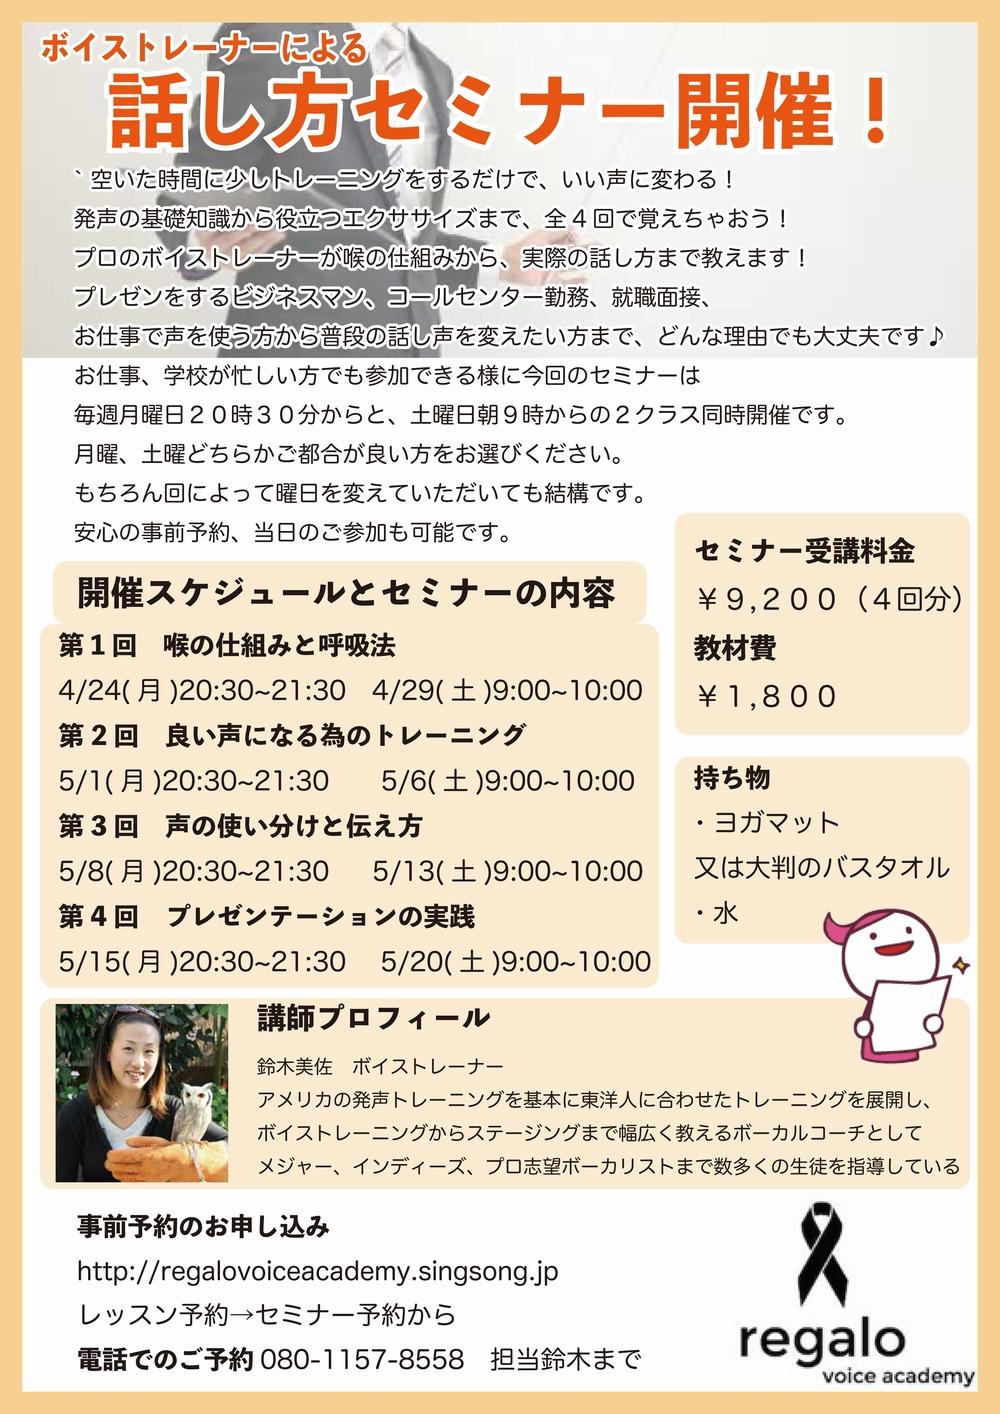 【セミナー】話し方セミナー全4回 浜松市野店 4/24から5/20開催!